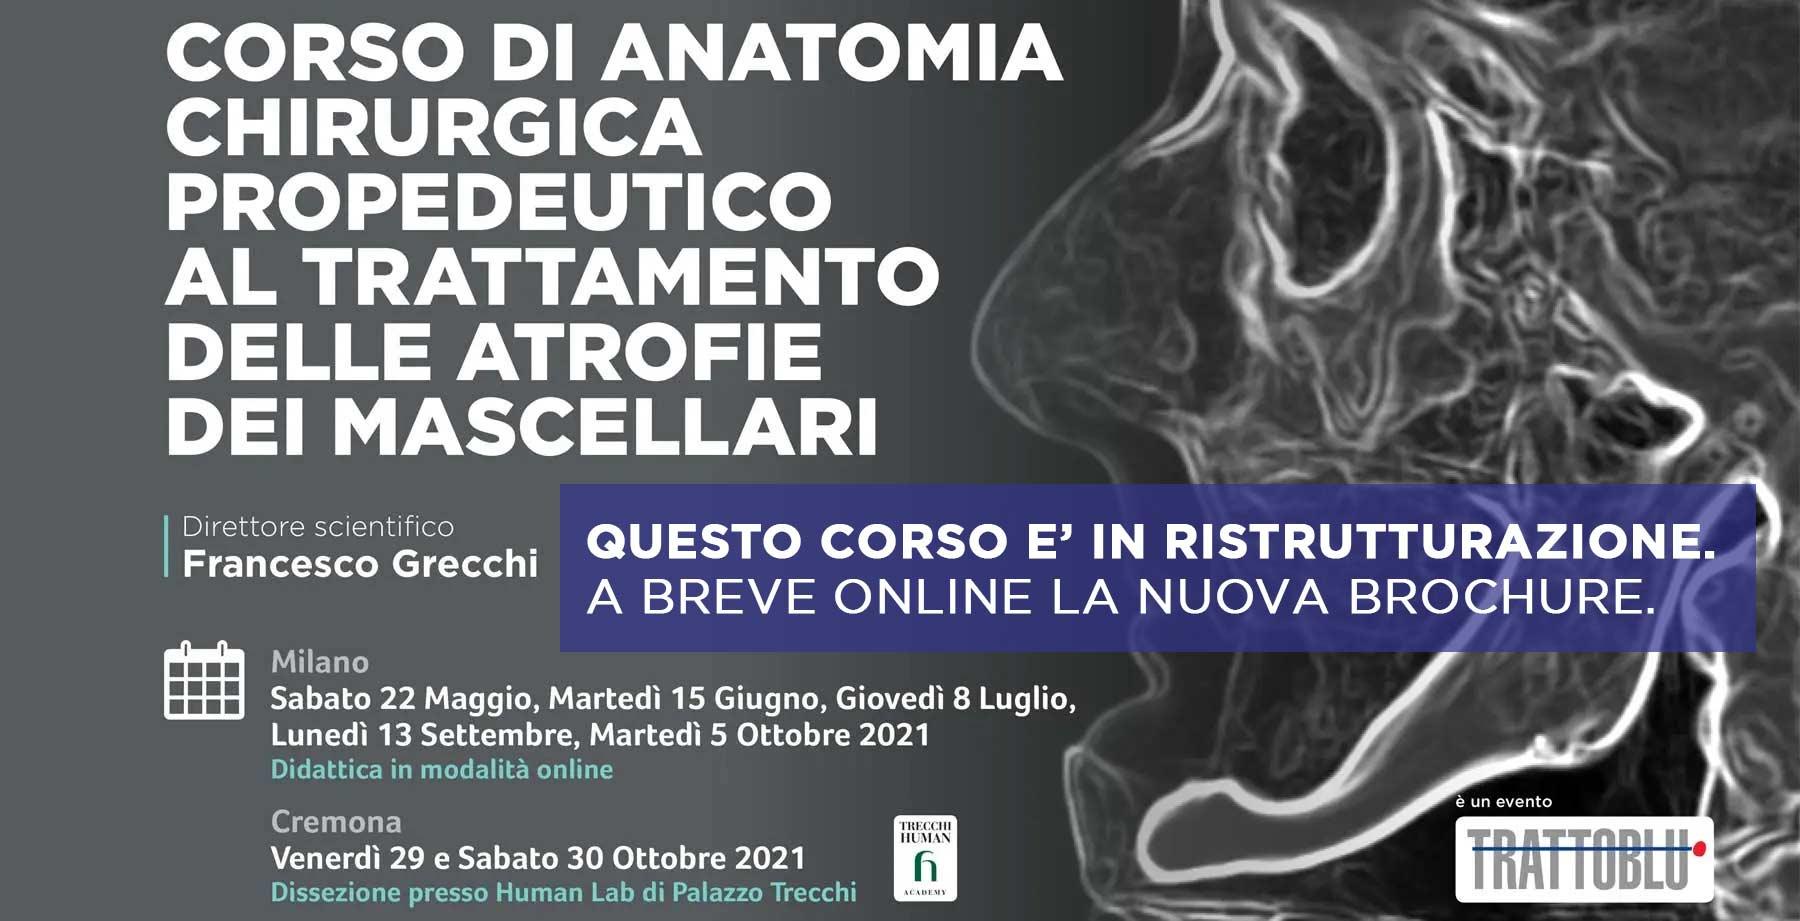 corso-di-anatomia-chirurgica-trattoblu_int2